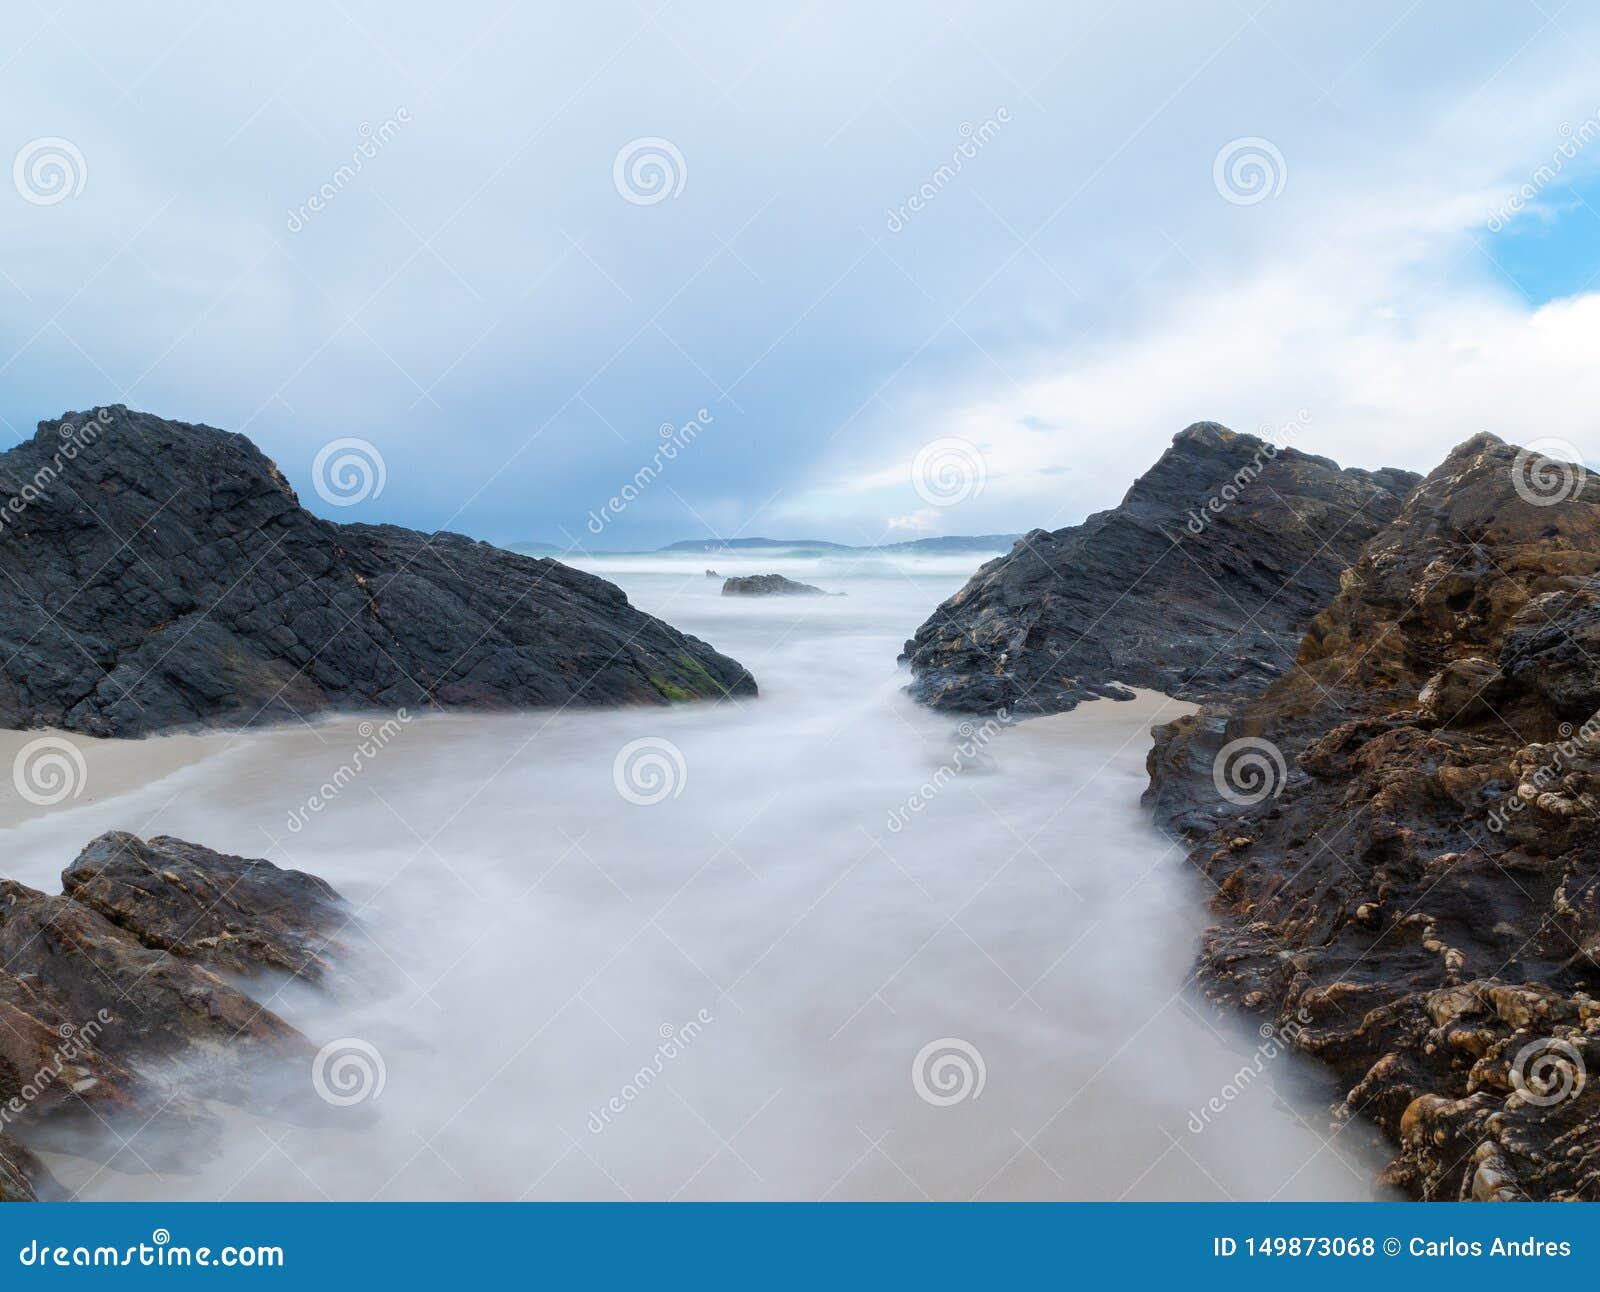 Grandi rocce su una spiaggia spagnola